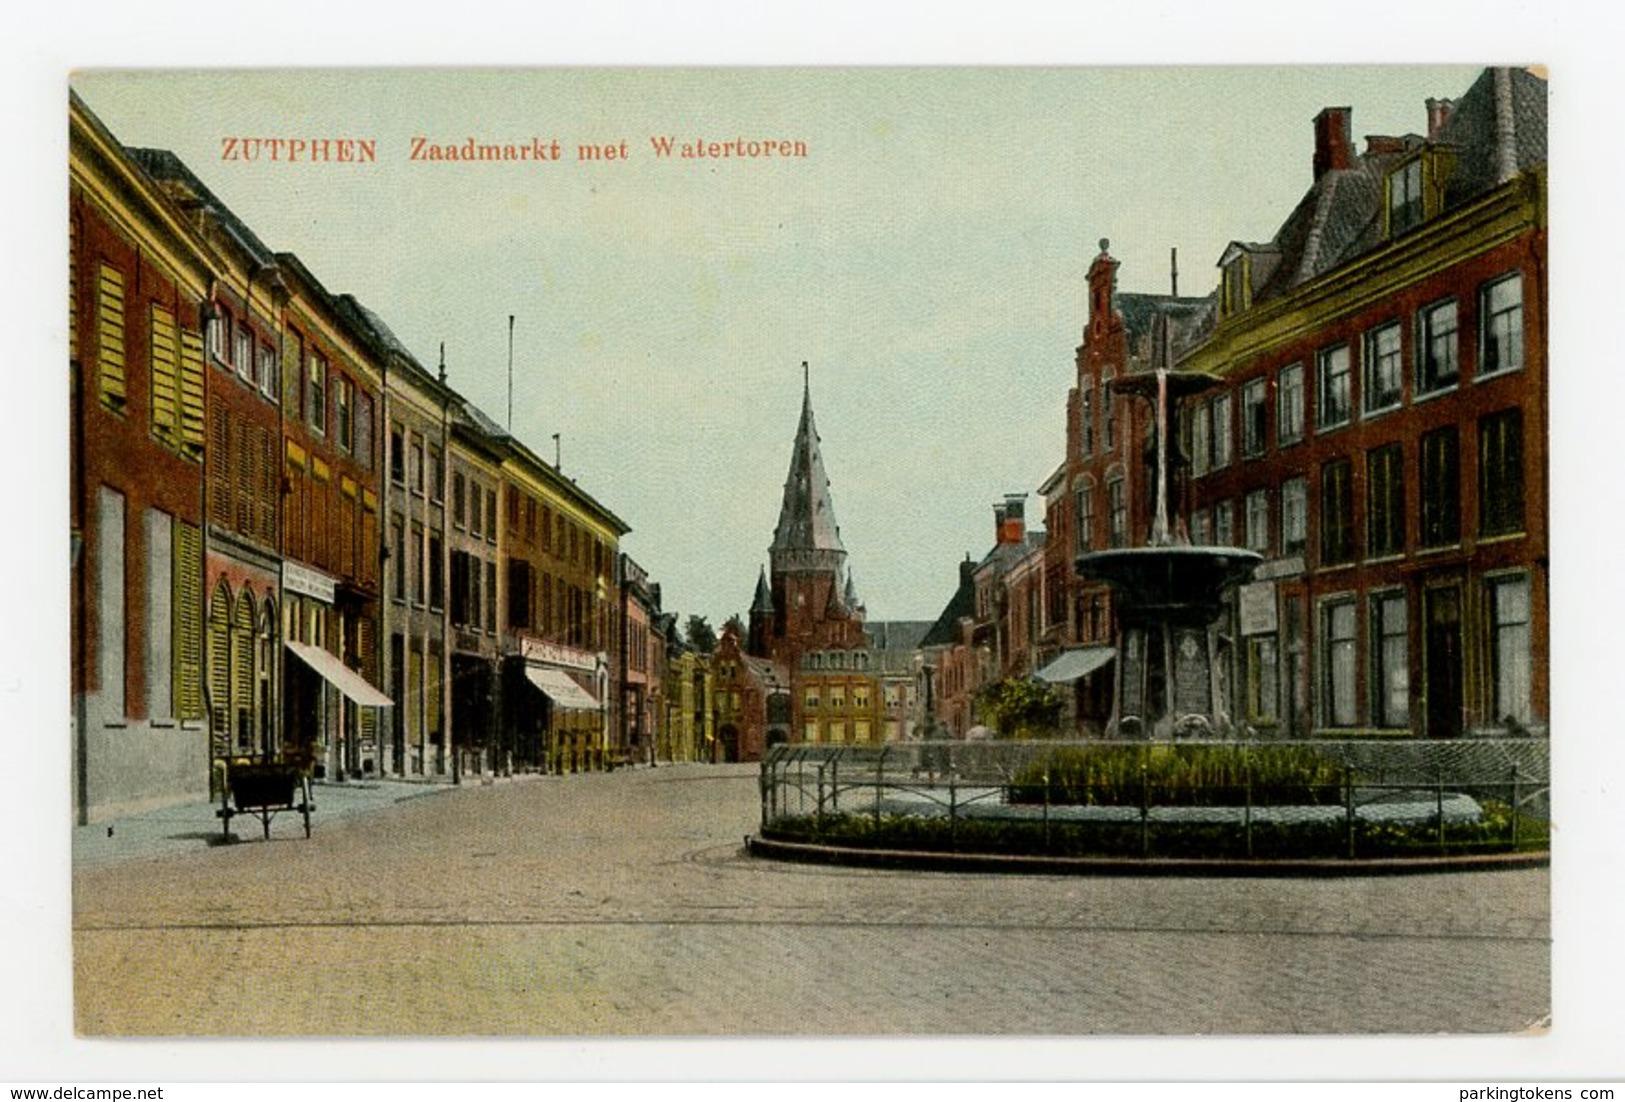 D078 - Zutphen - Zaadmarkt Met Watertoren - Uitg Bornholt - Zutphen